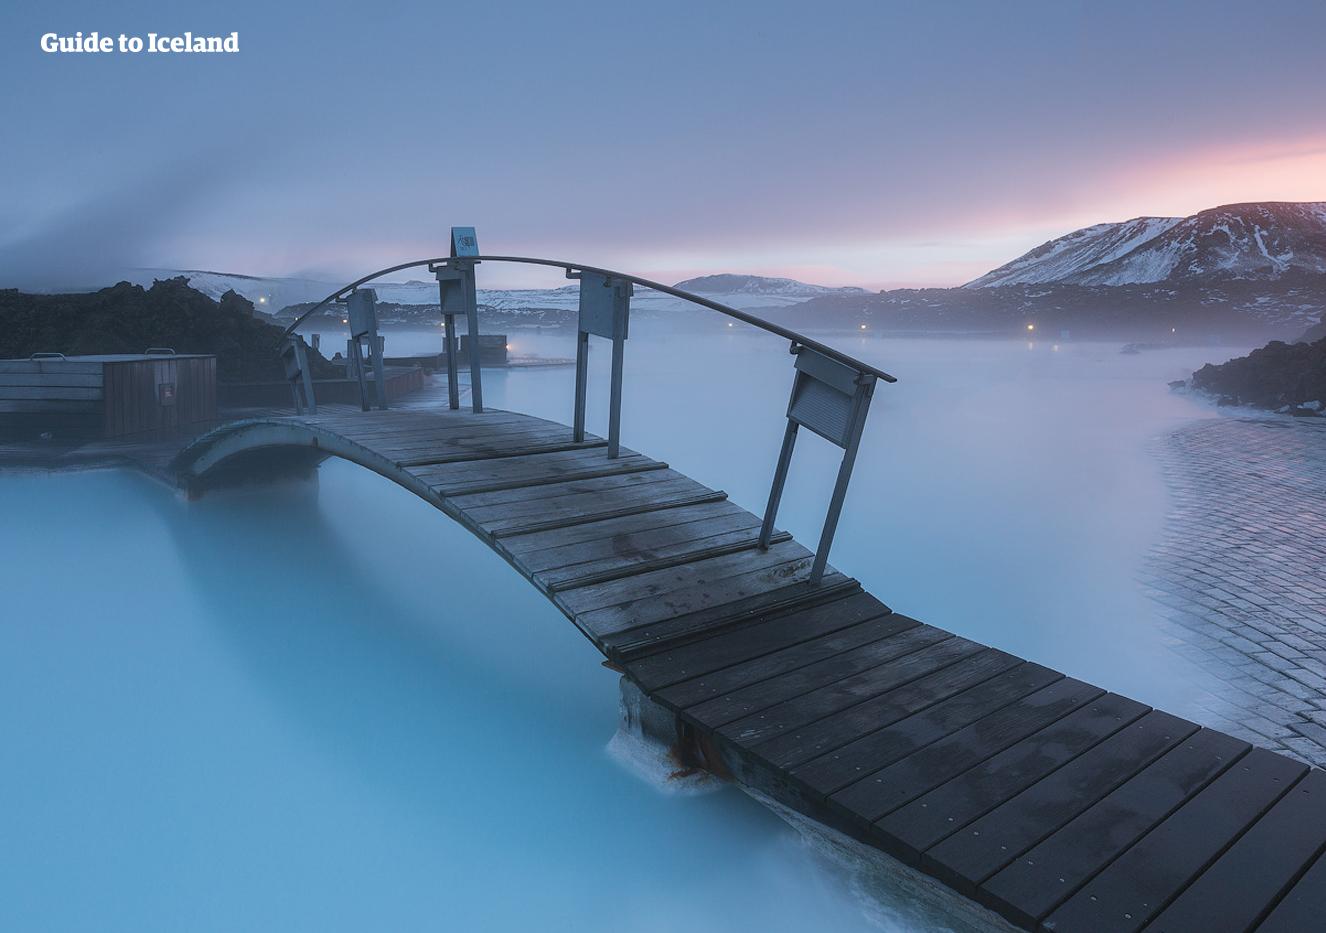 Kröne dein Islandabenteuer mit einem Bad in dem geothermalen Wellnessbad Blaue Lagune.